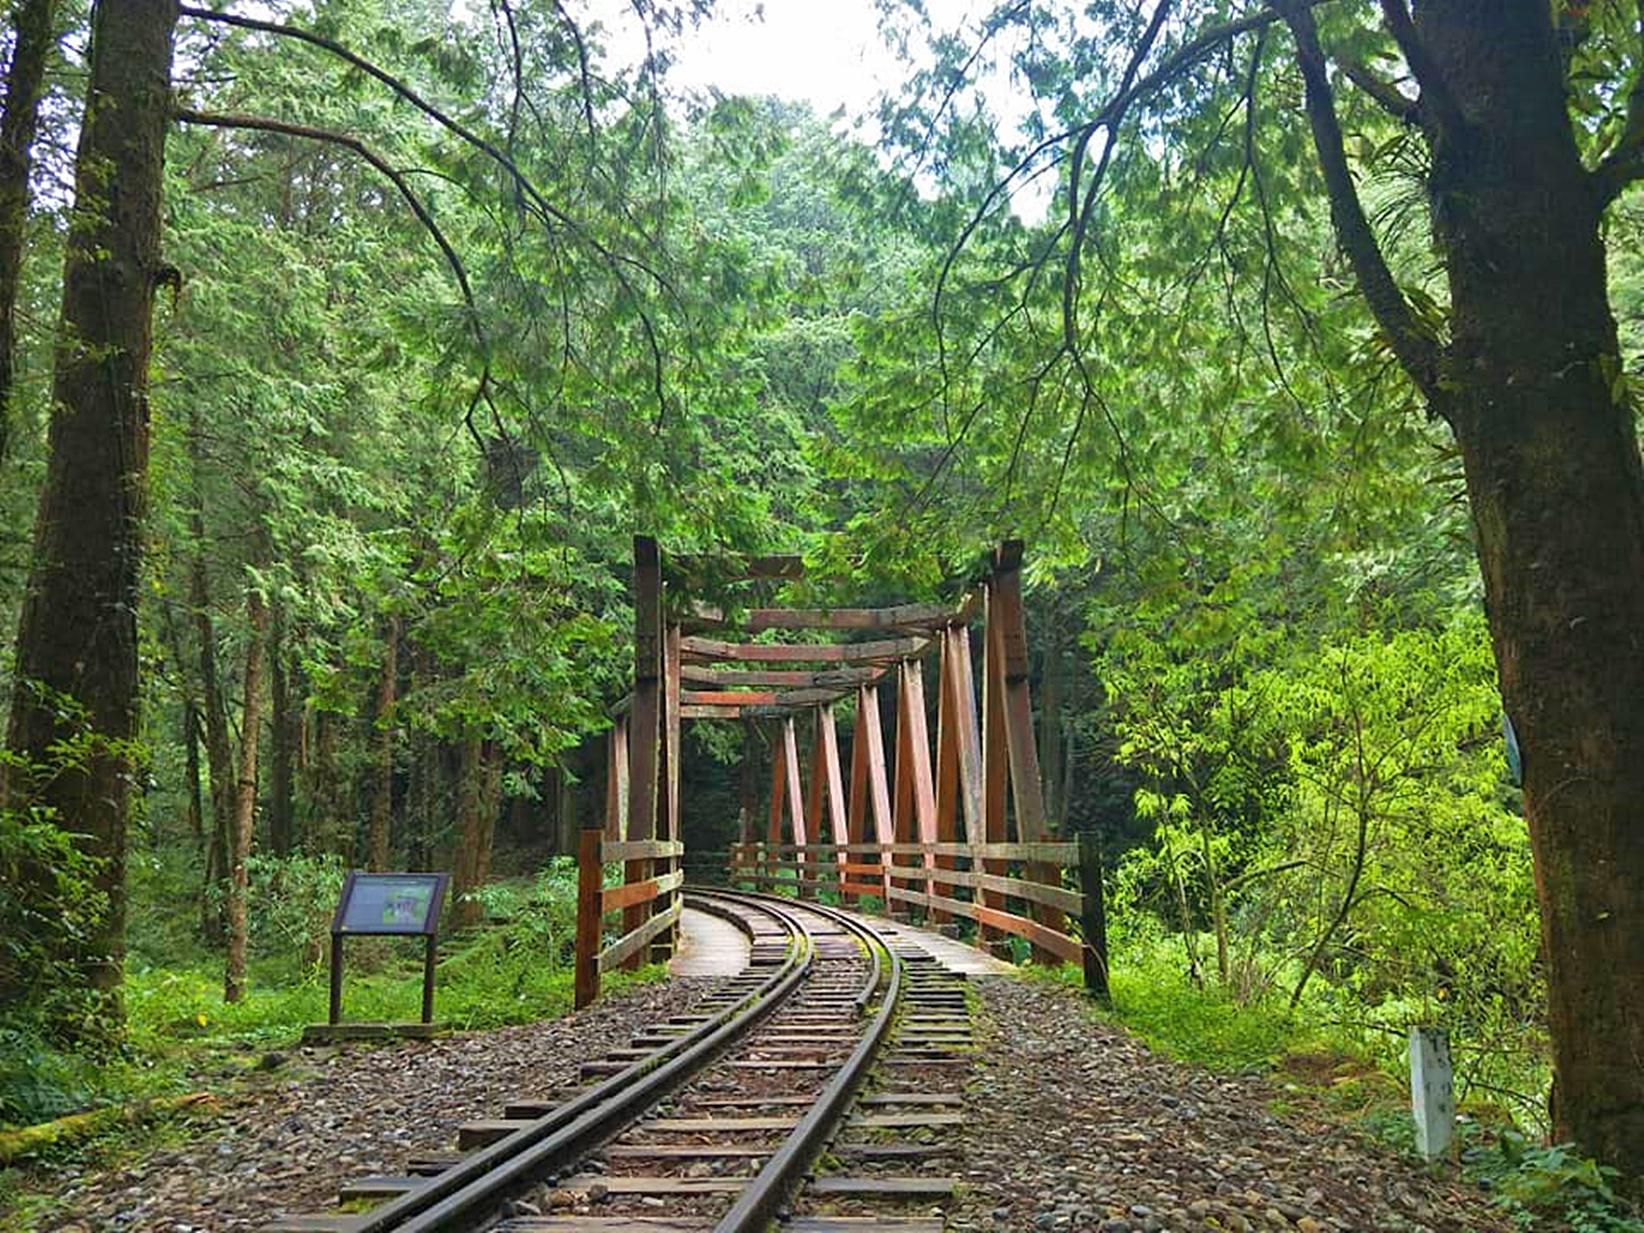 南部森林遊樂區推薦 |台灣南部 5 座森林遊樂區根本是天然的活博物館,散步森林步道中享受芬多精